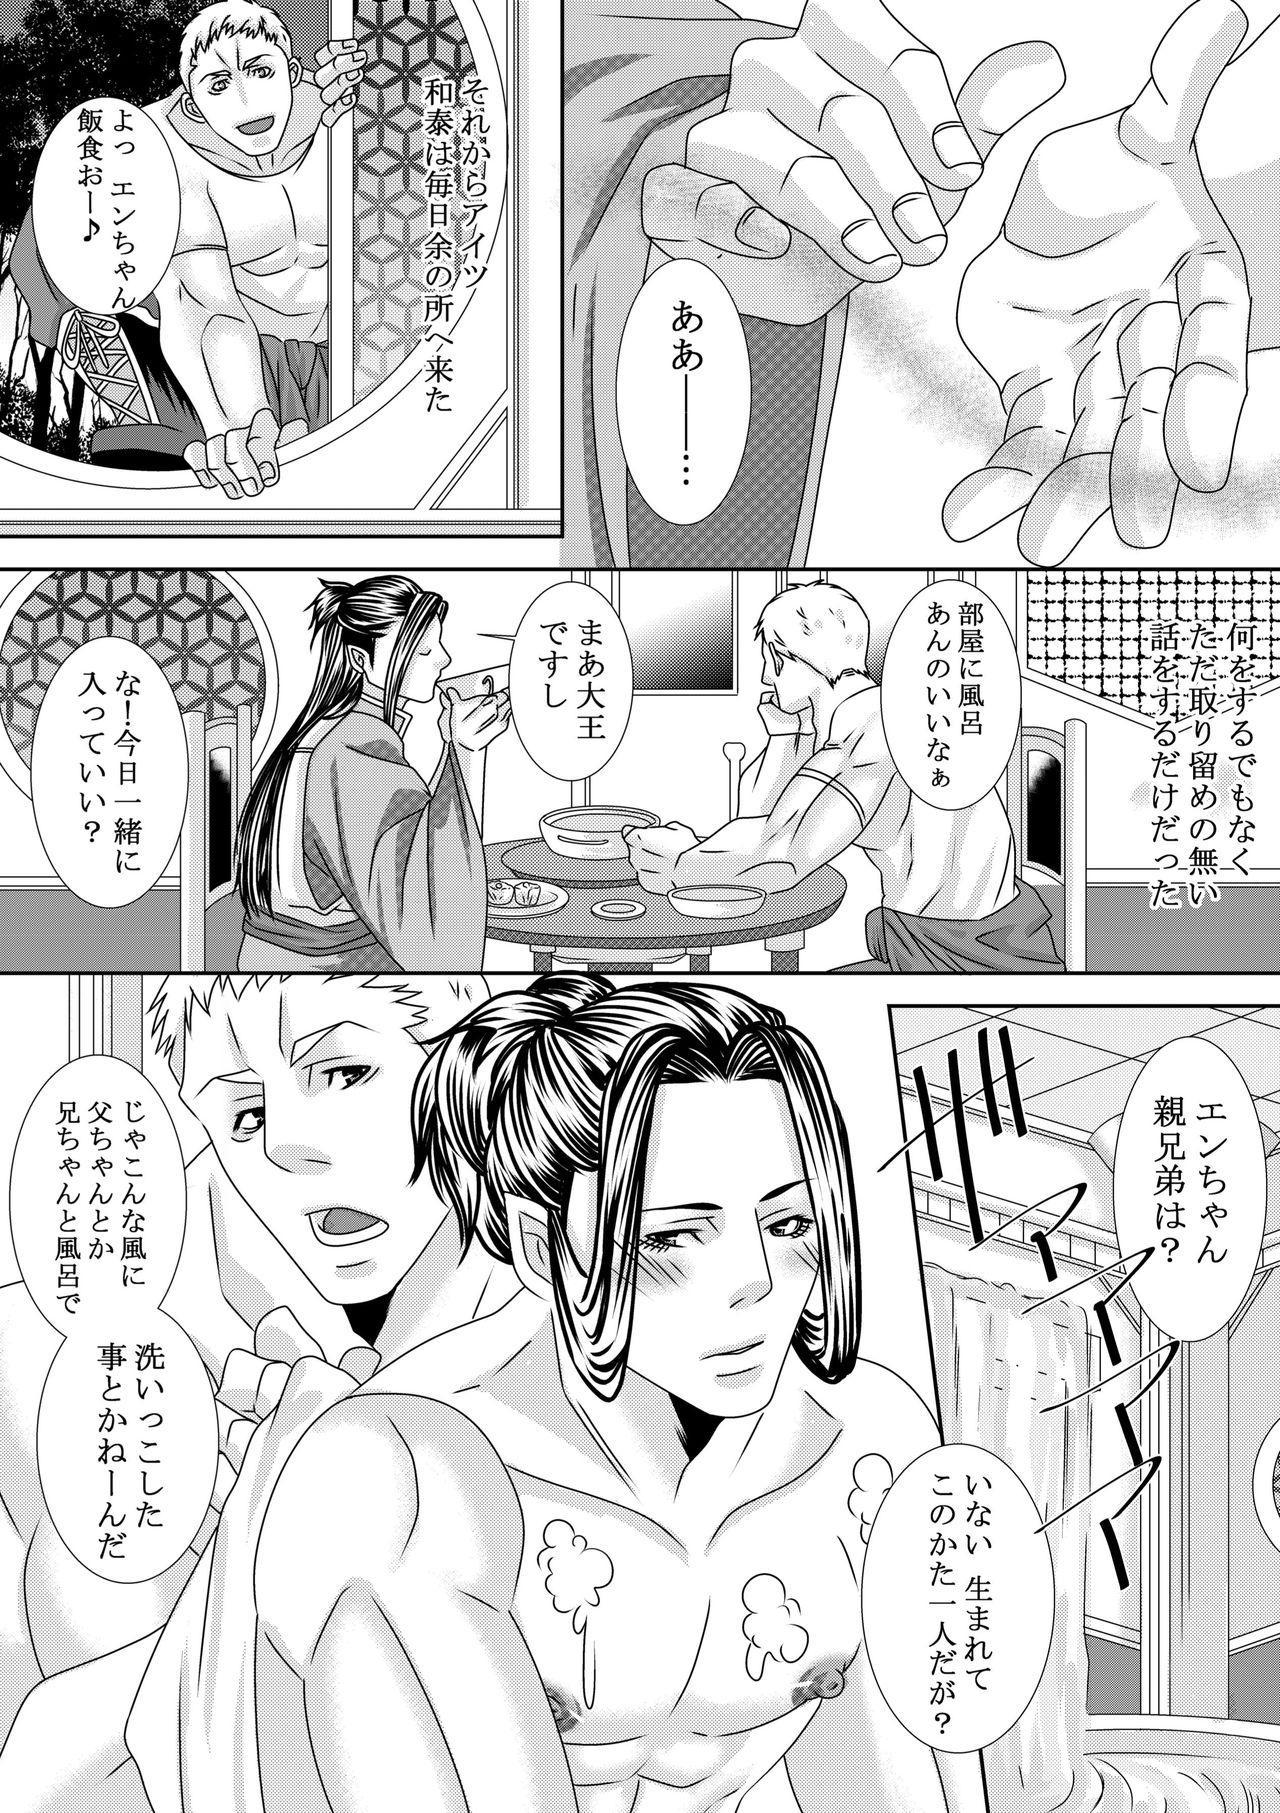 Choukyou Jigoku Ezu 15